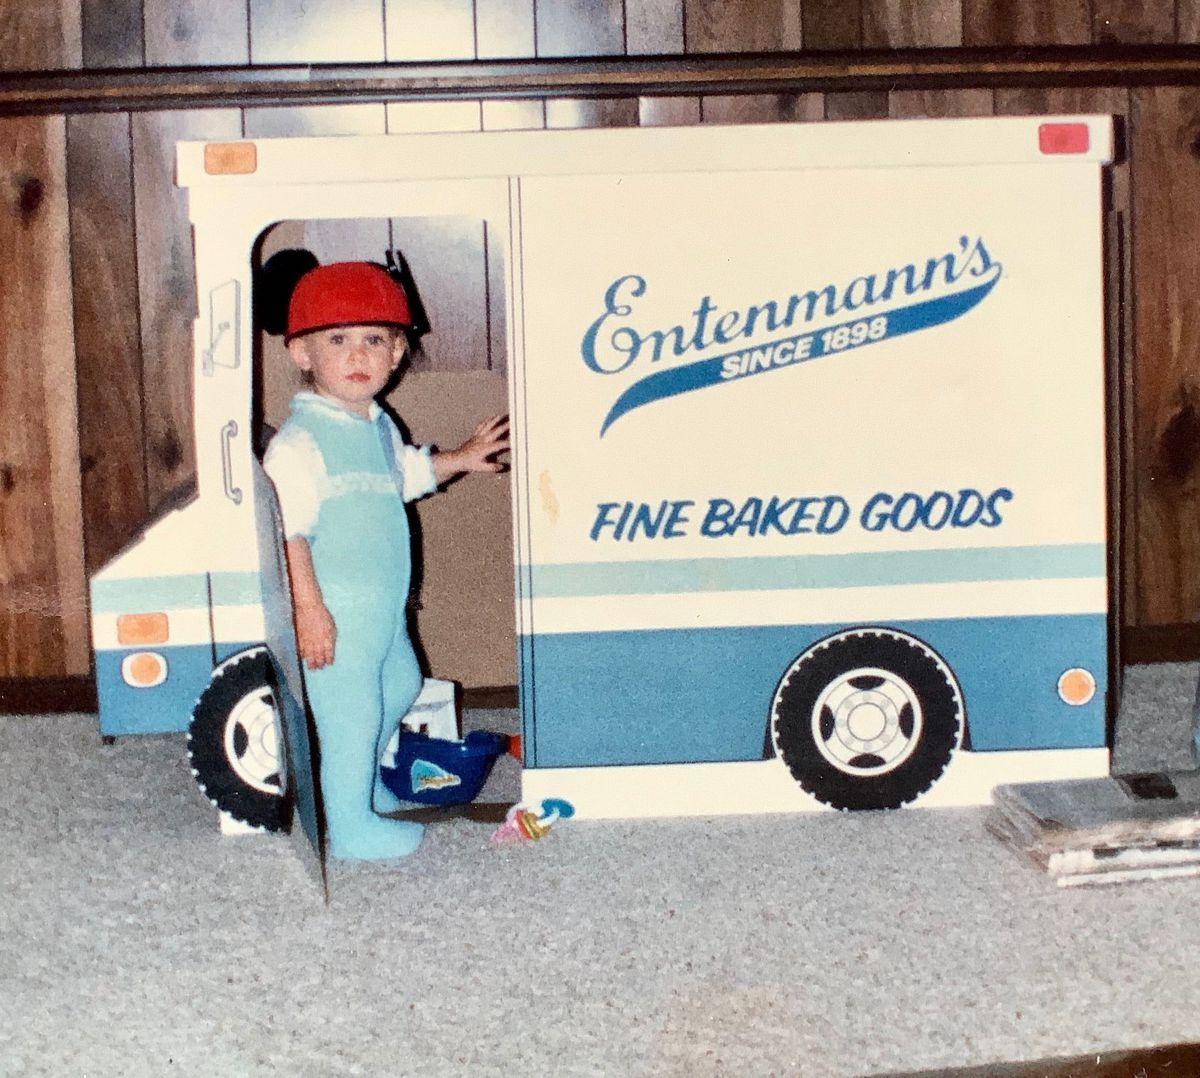 Photo des années 80 montrant un tout-petit portant une combinaison et un chapeau avec des oreilles de Mickey Mouse, debout à l'intérieur d'une découpe en carton d'un food truck d'Entenmann.